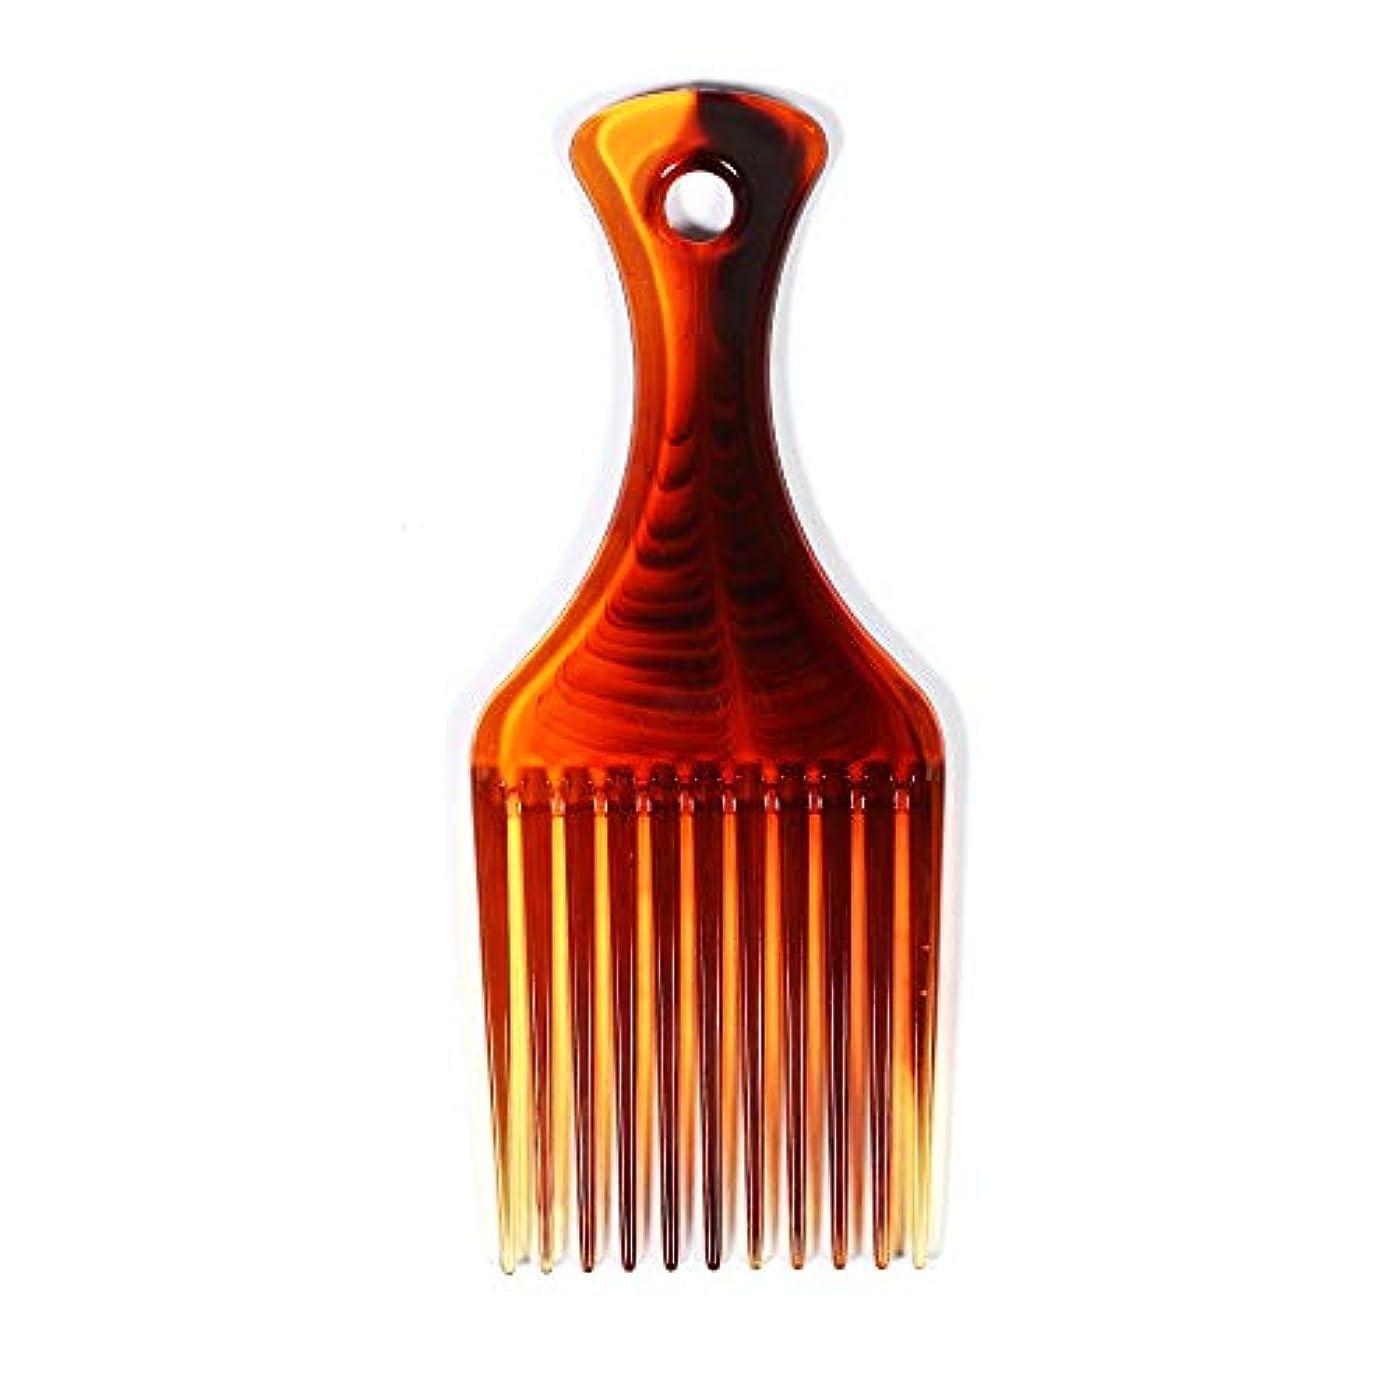 オーチャードさまよう病気だと思うCUHAWUDBA 髪用櫛 髪のフォークコーム 理髪カーリーヘアブラシ、櫛を挿入して ヘアブラシ 男性と女性のためスタイリングツール